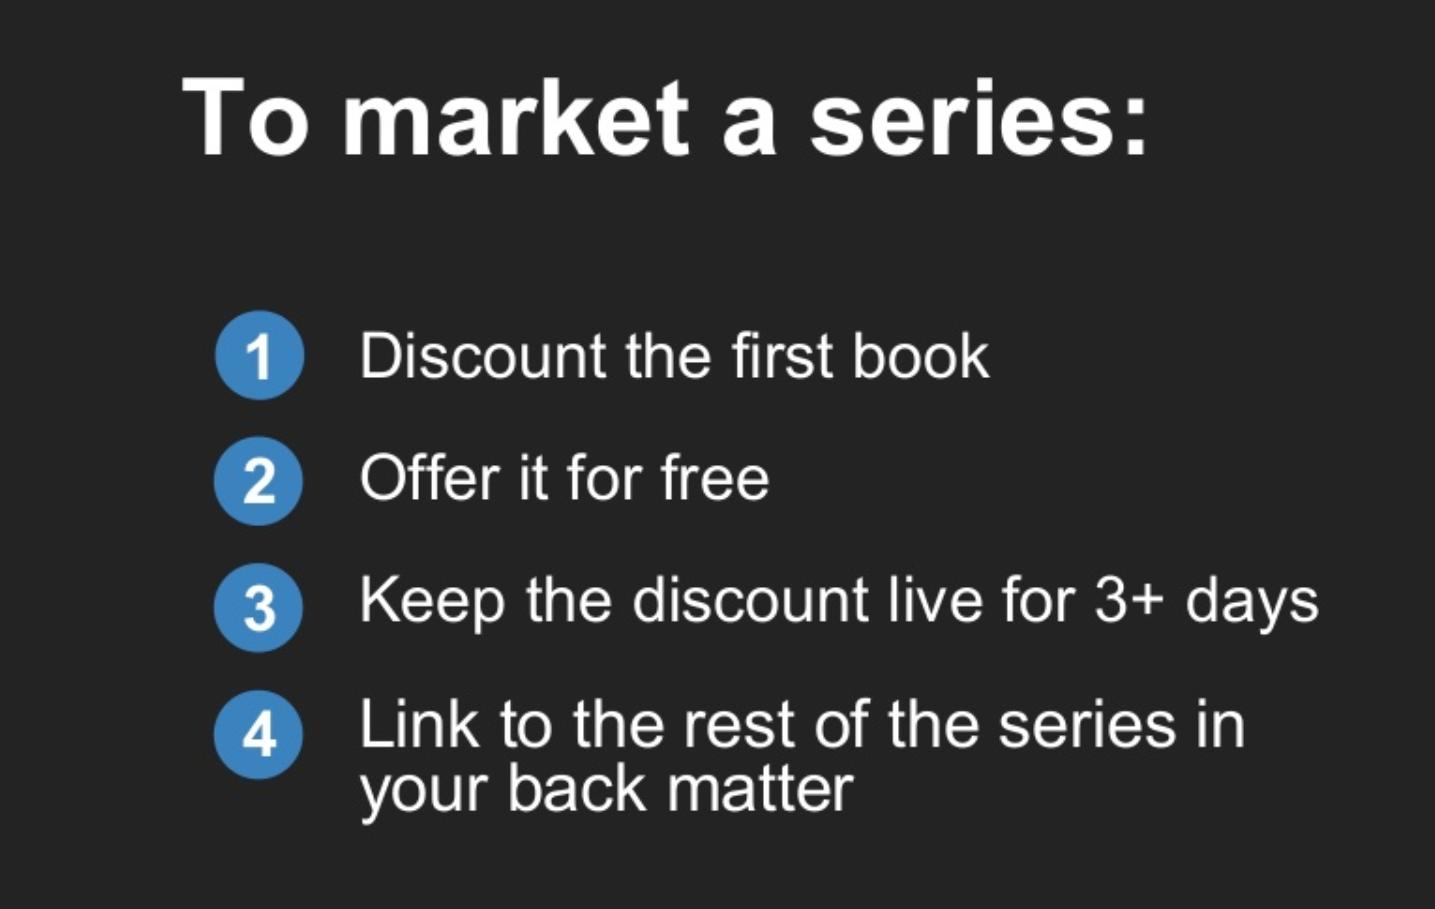 come promuovere un romanzo seriale